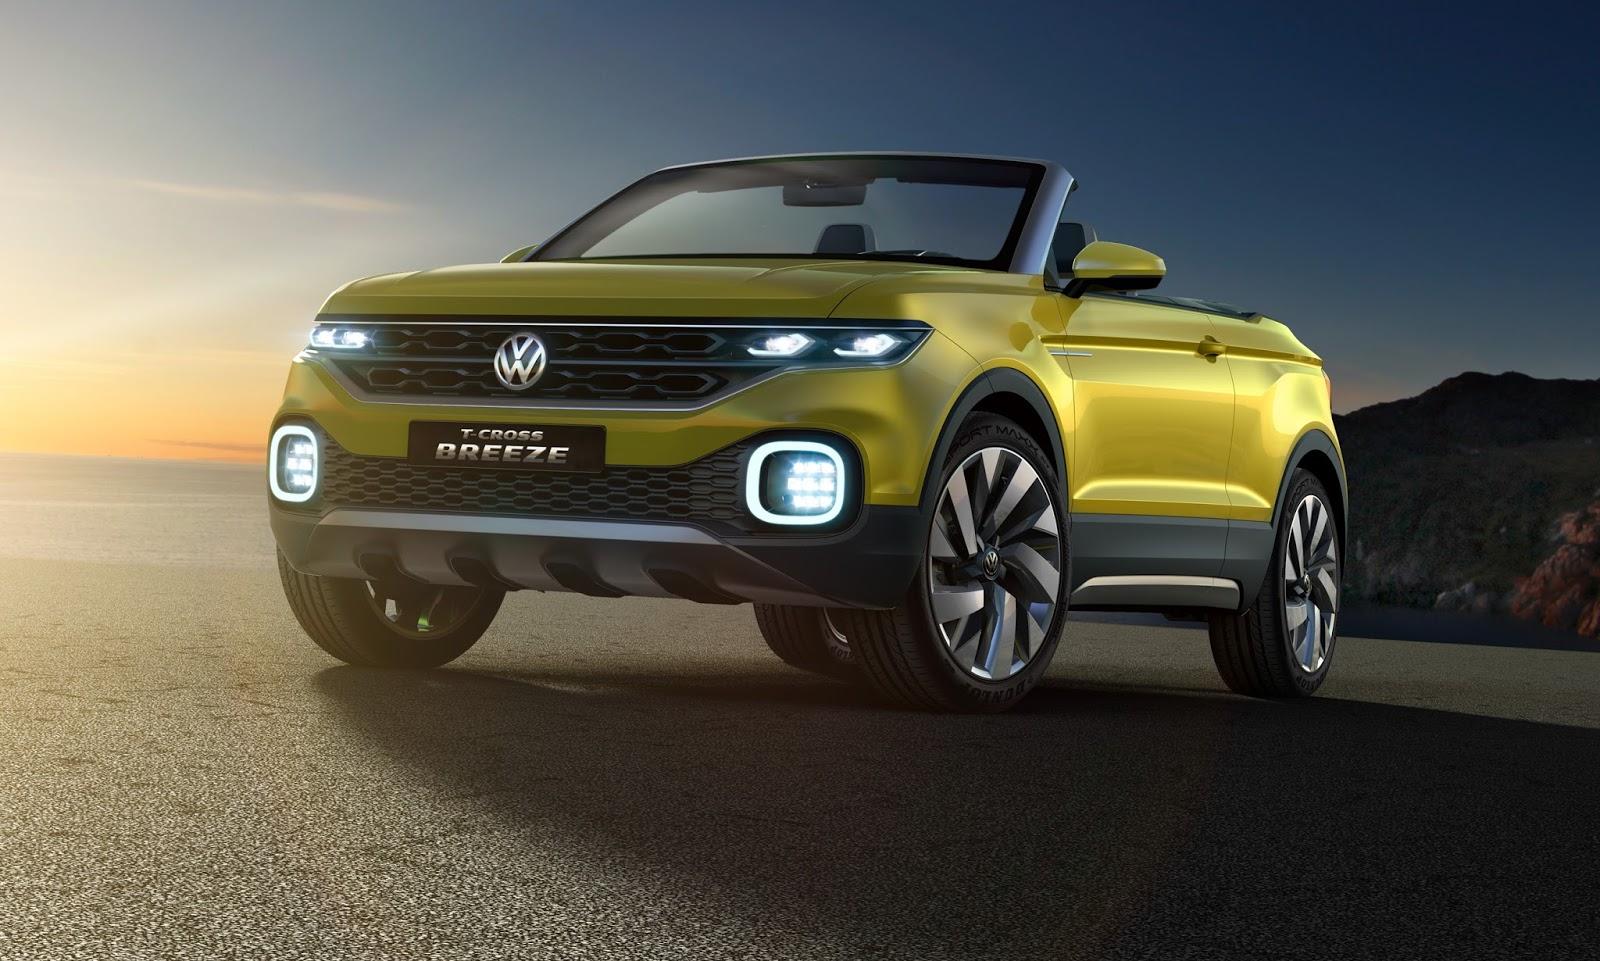 VW T-Cross Breeze 5